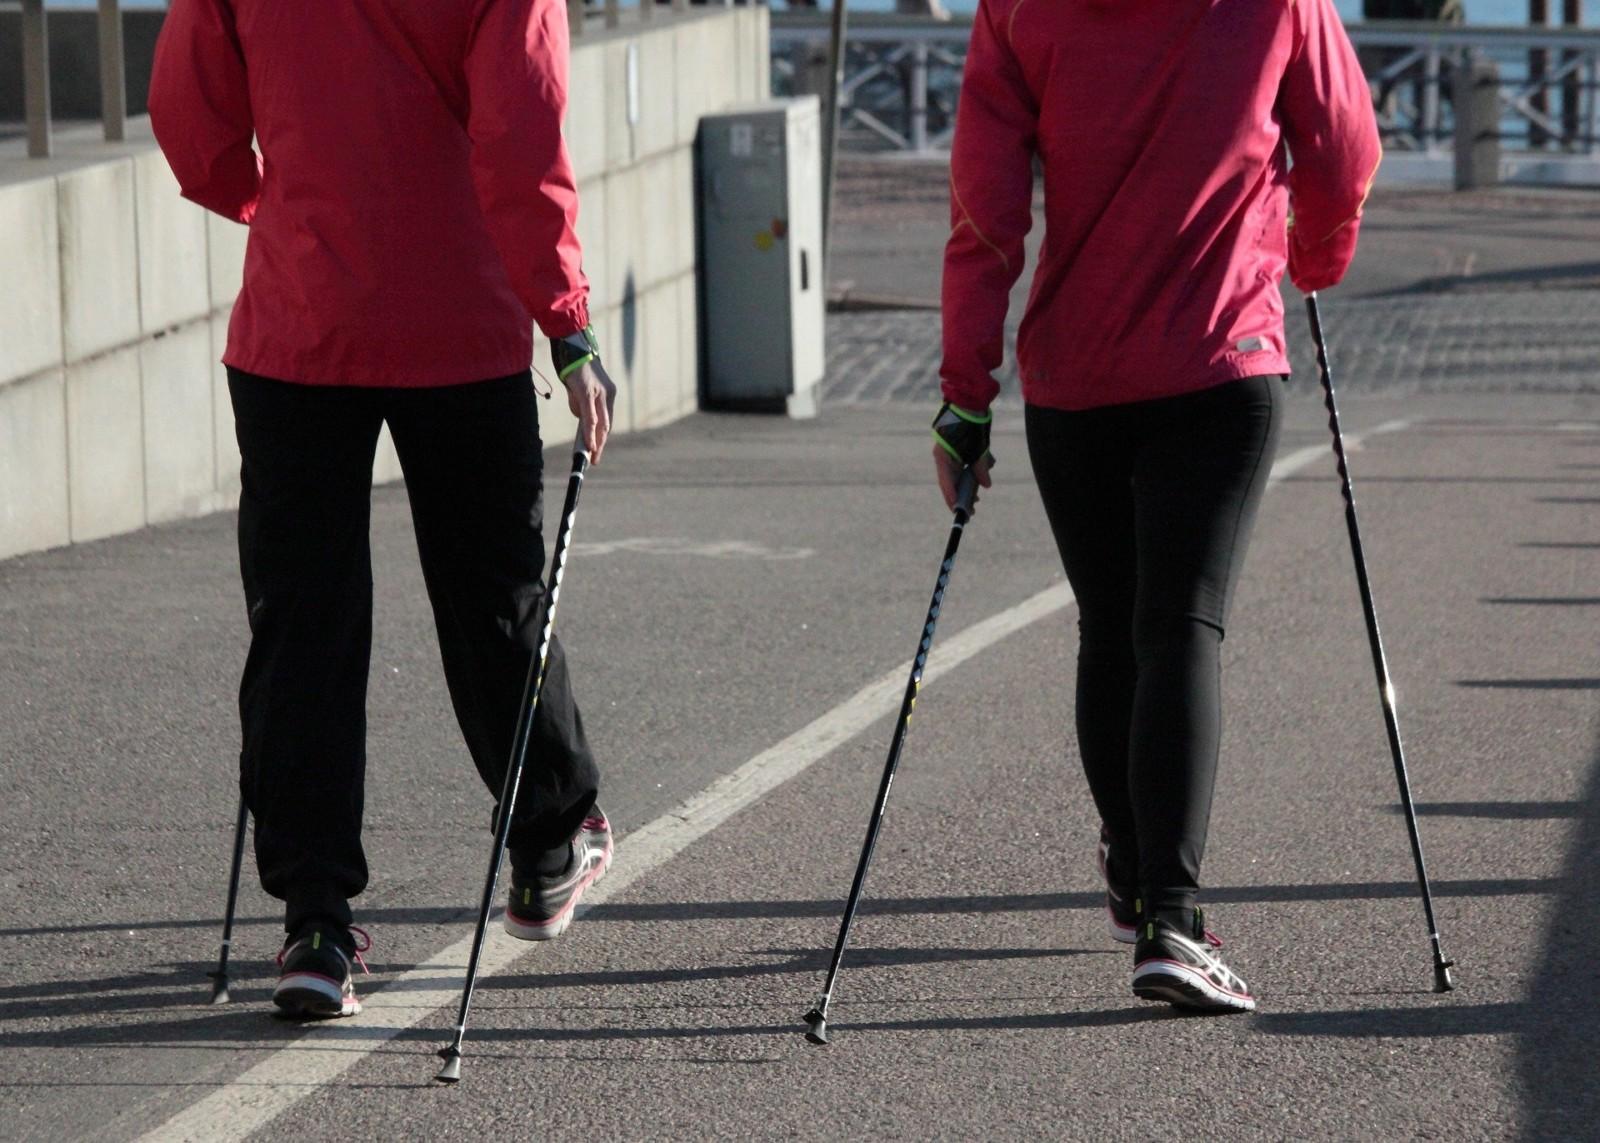 Региону нужны любители спортивной ходьбы